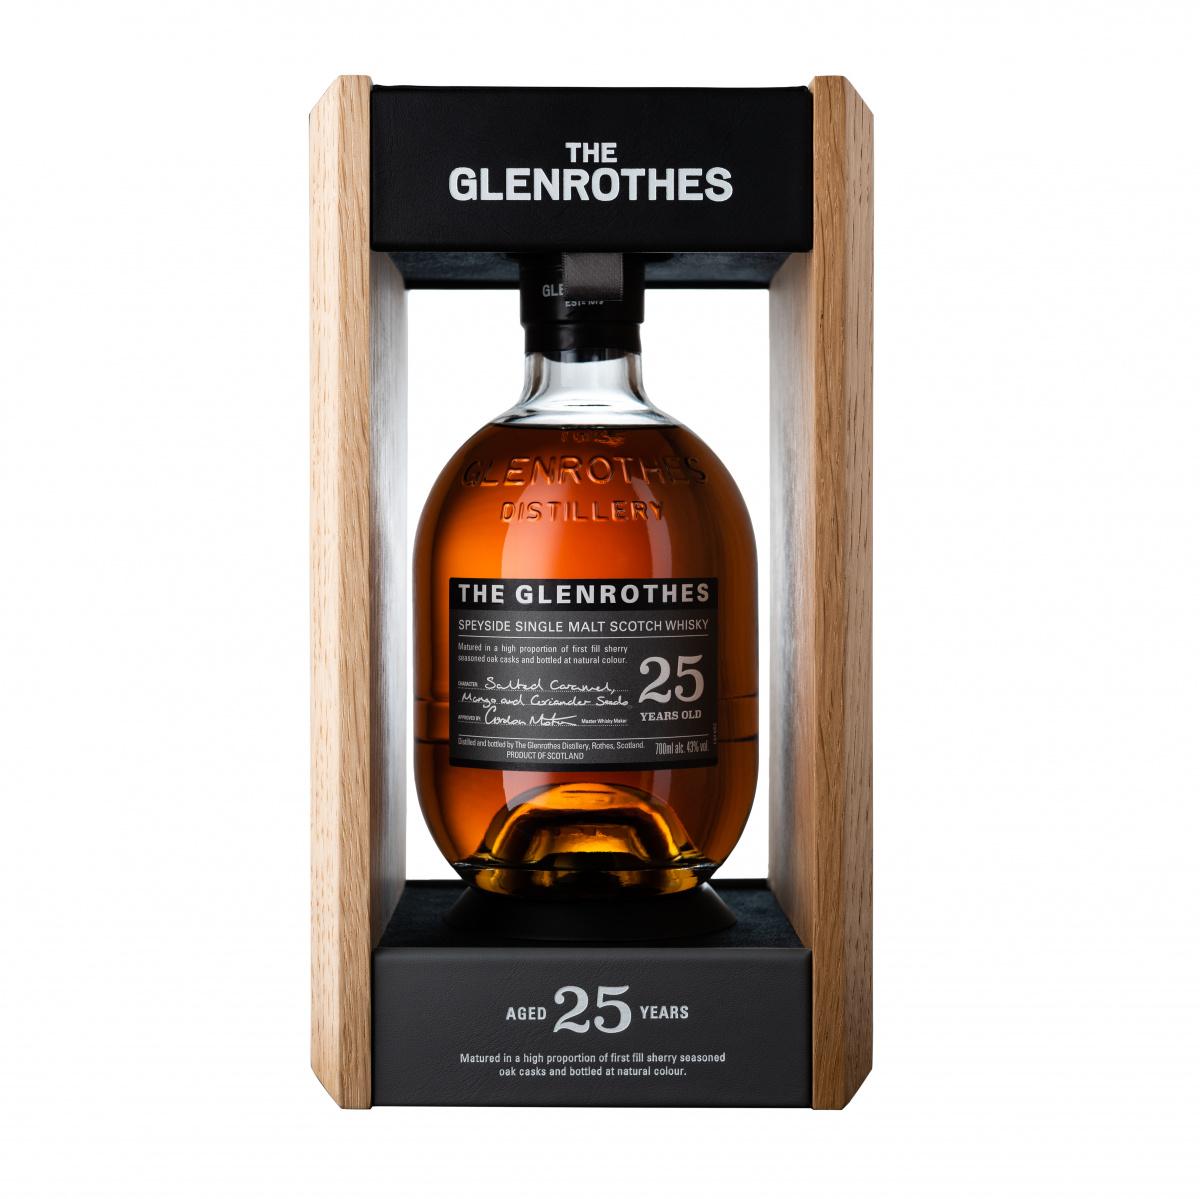 こだわりのスコッチウイスキーを求める人に、選び抜いたシェリー樽熟成原酒を使った「グレンロセス」新シリーズが登場。